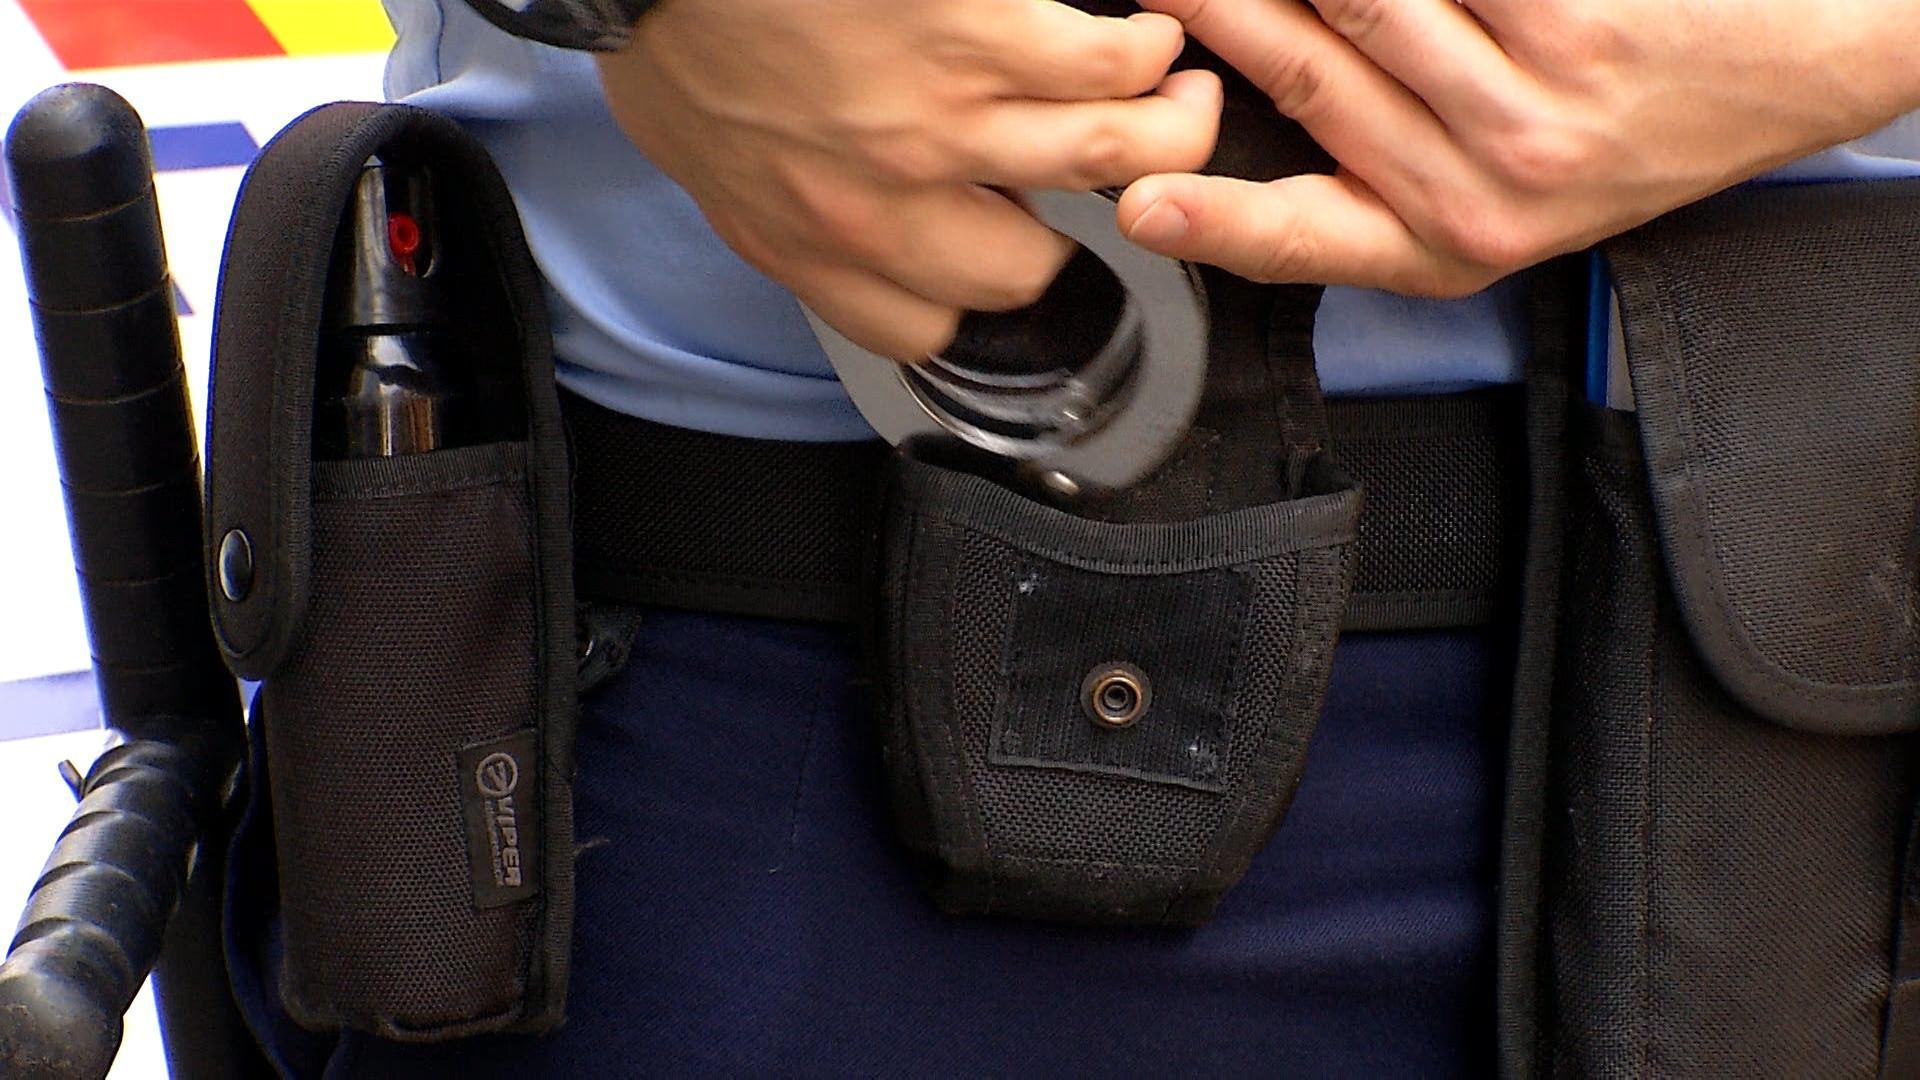 Un poliţist din Constanţa a fost arestat după ce a bătut un bărbat până l-a băgat în comă. După ce a comis fapta, a mers să bea